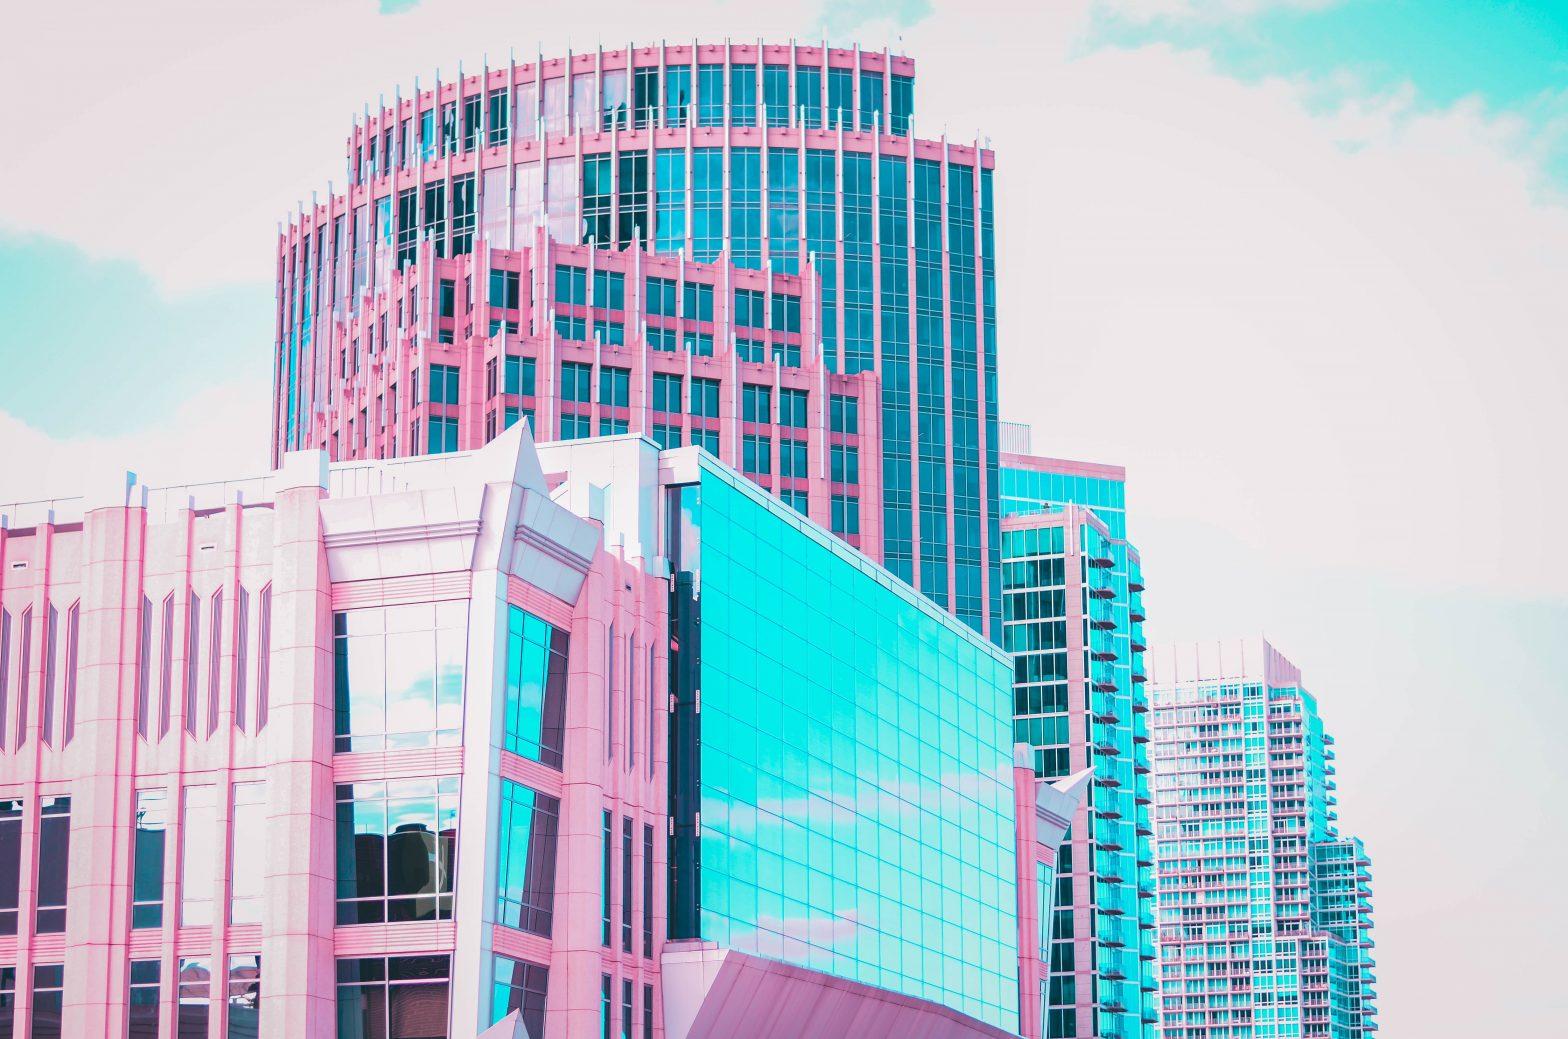 Modifiche al credito di imposta per canoni di locazione e affitto d'azienda